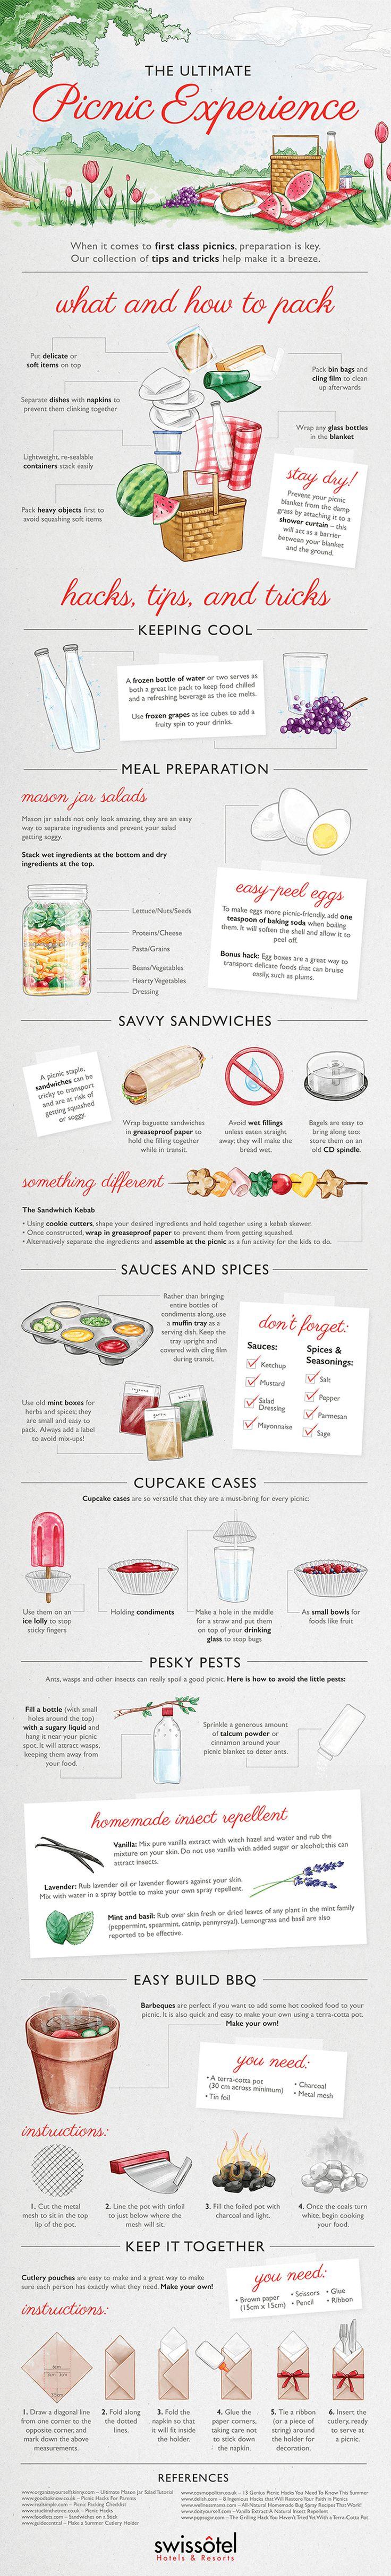 Organizar picnics para los clientes